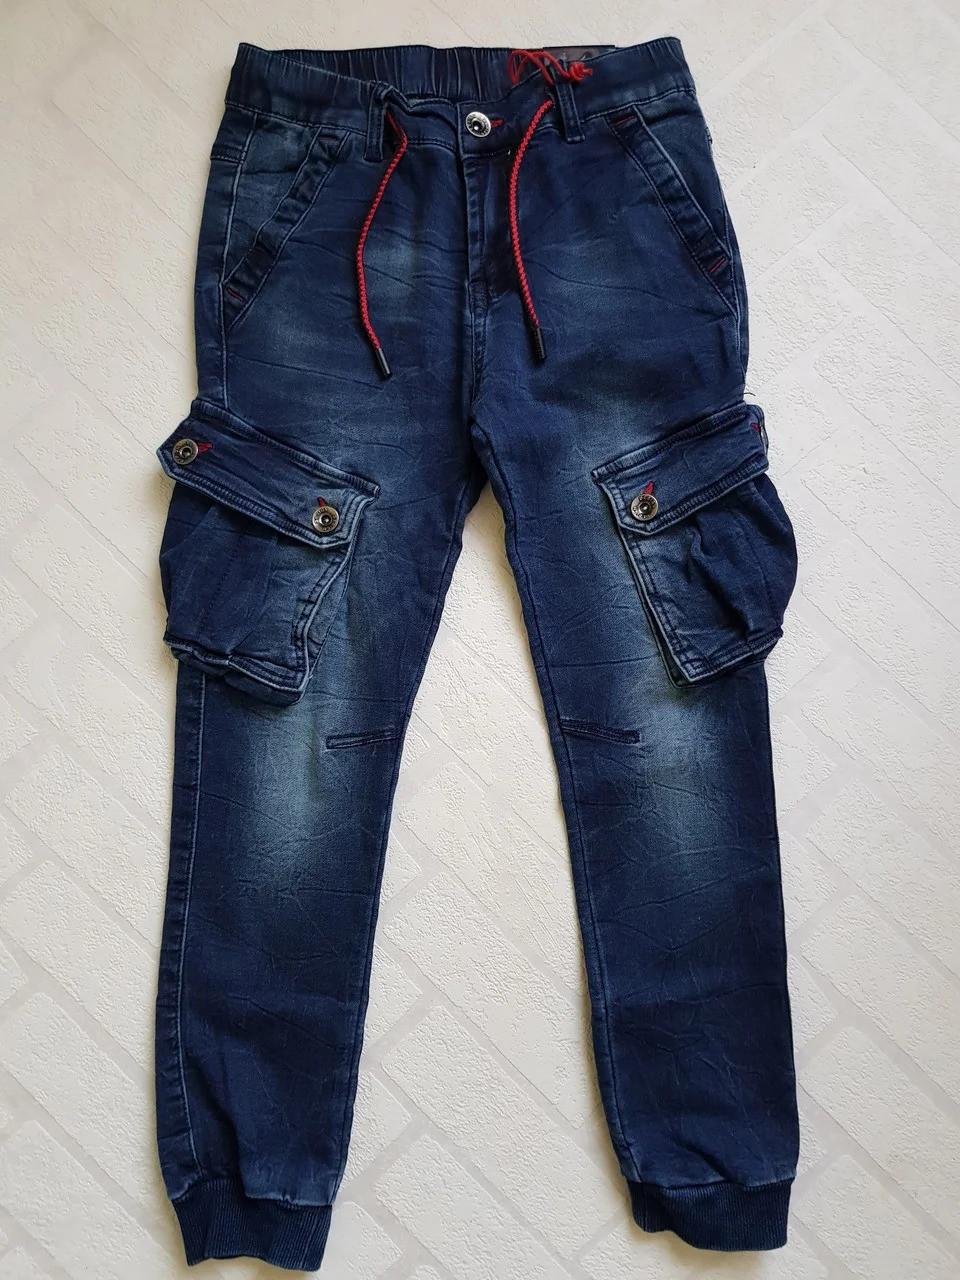 Джинсовые брюки ЯСТРЕБ с накладными карманами, для мальчиков.Размеры 6-16.Фирма S&D. Венгрия